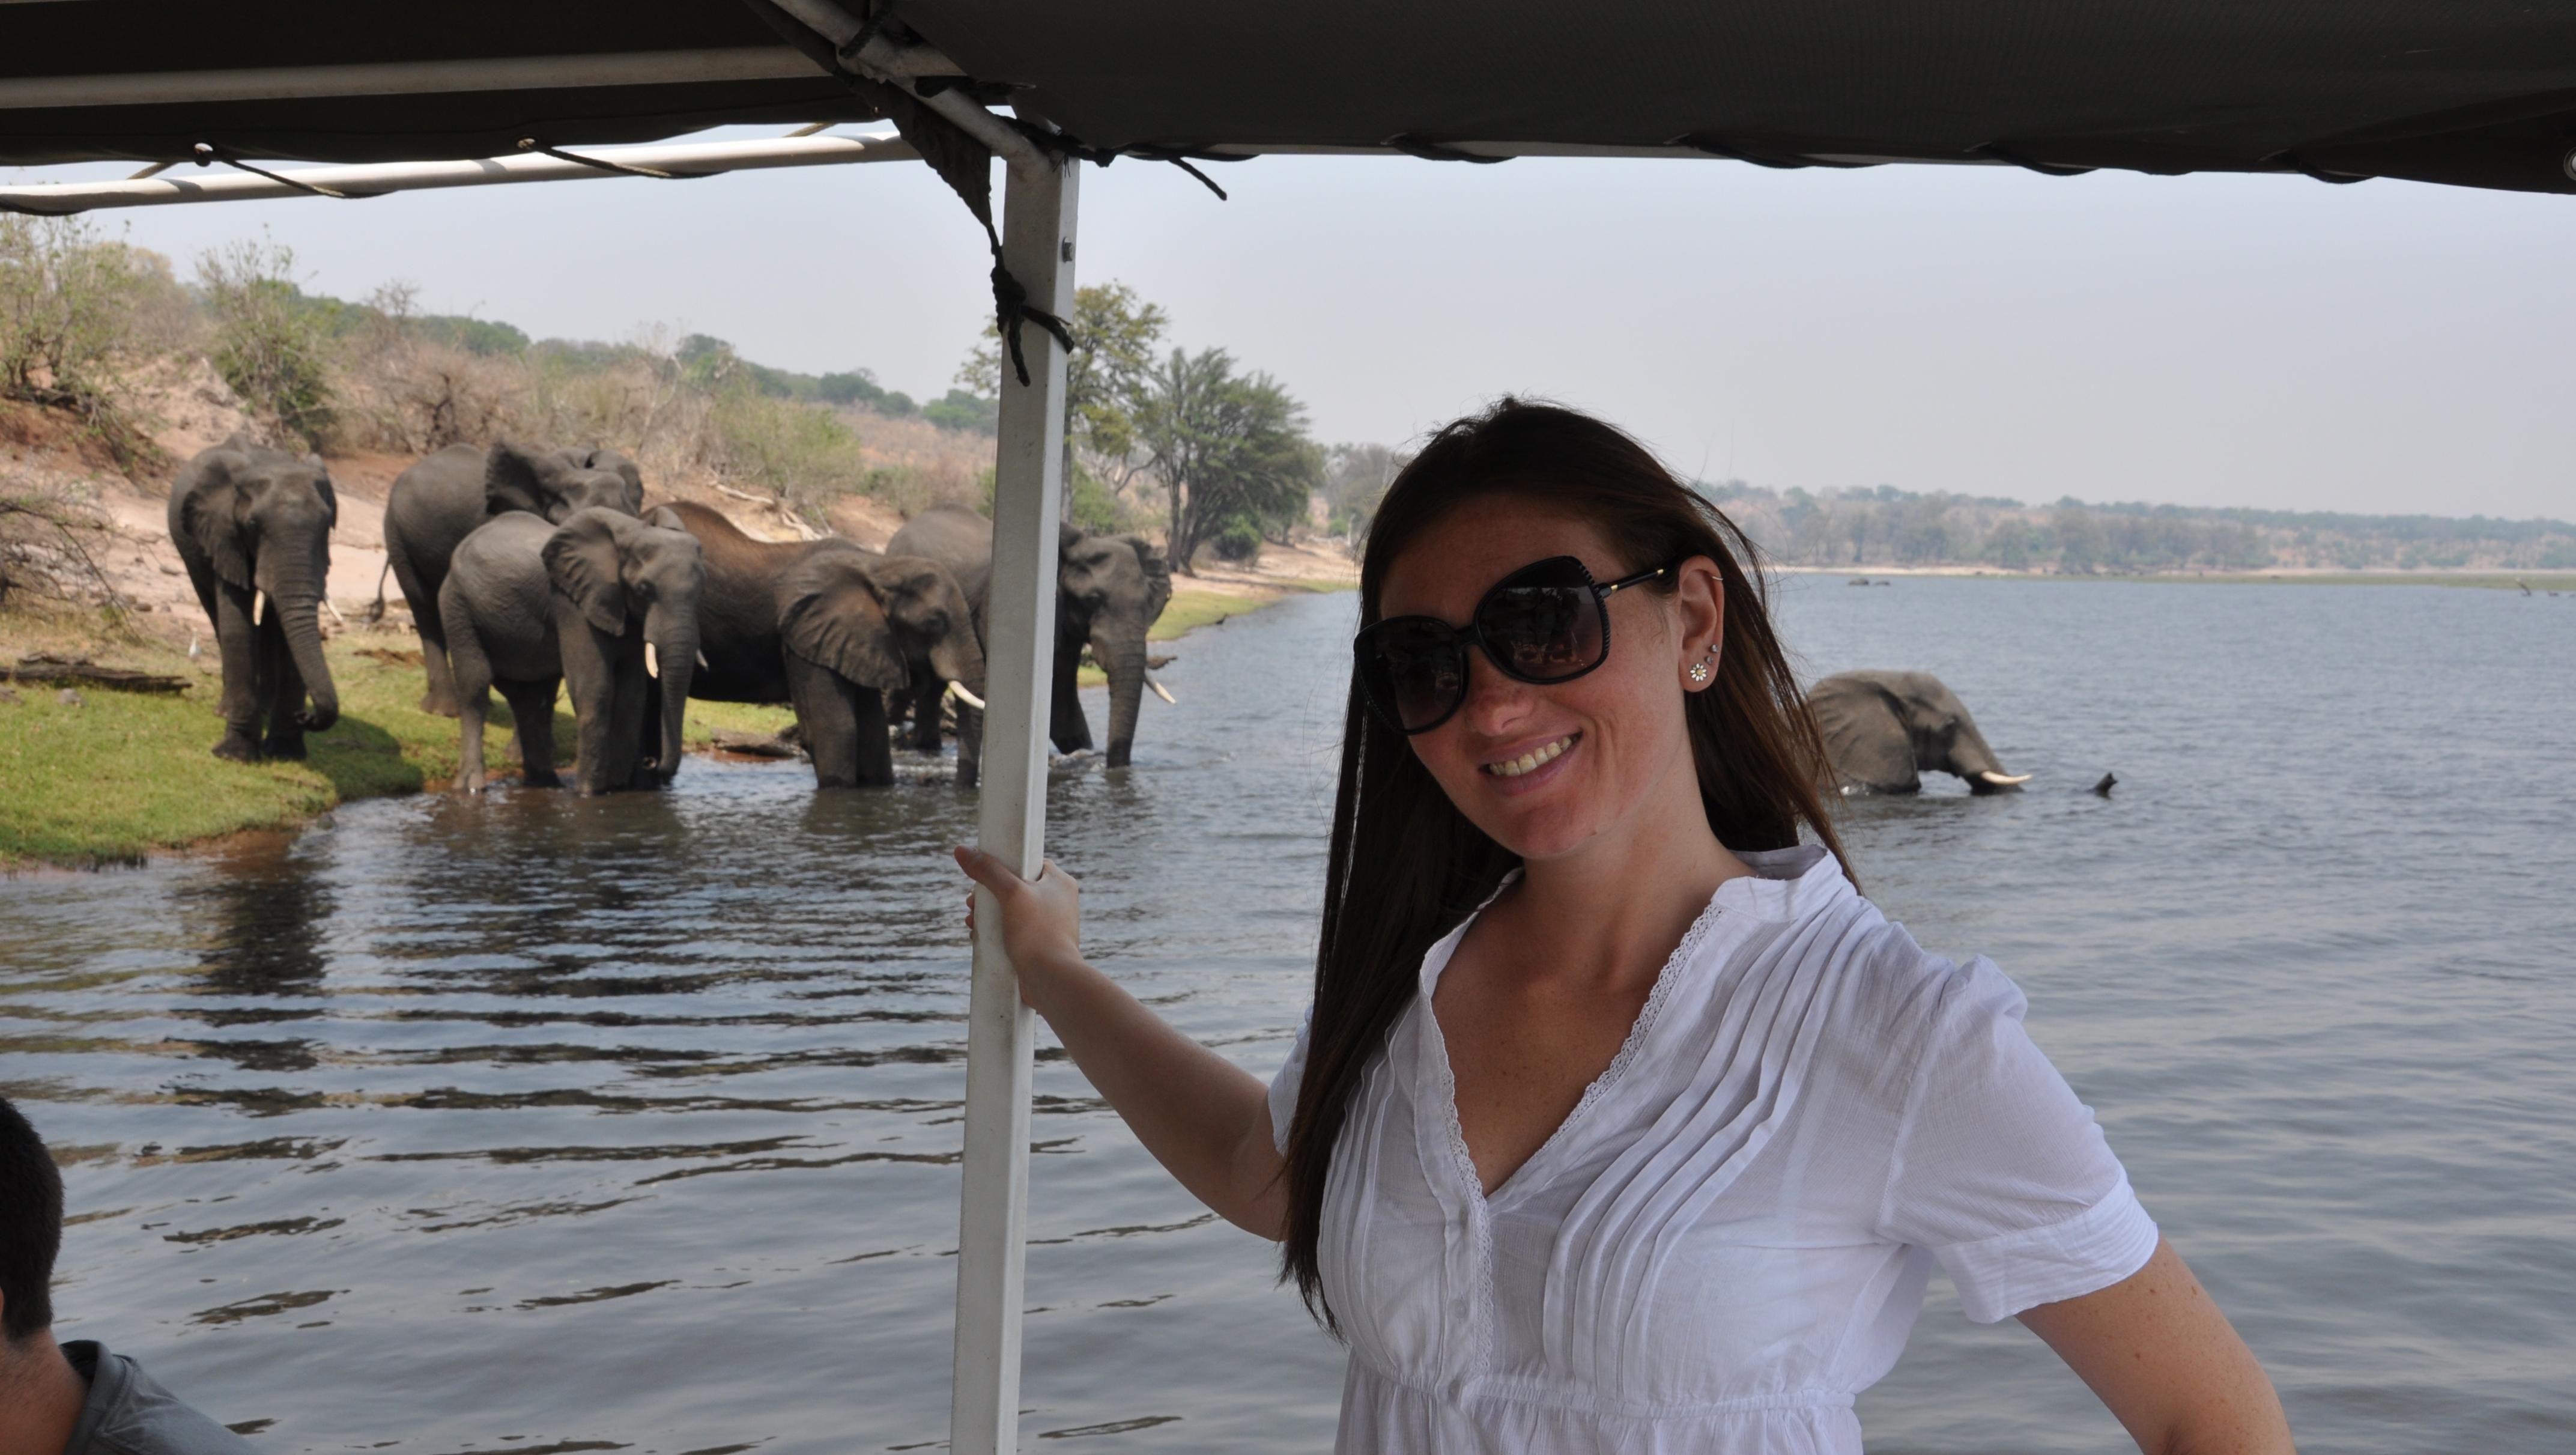 092 Game drive fluviale sul Chobe River 078